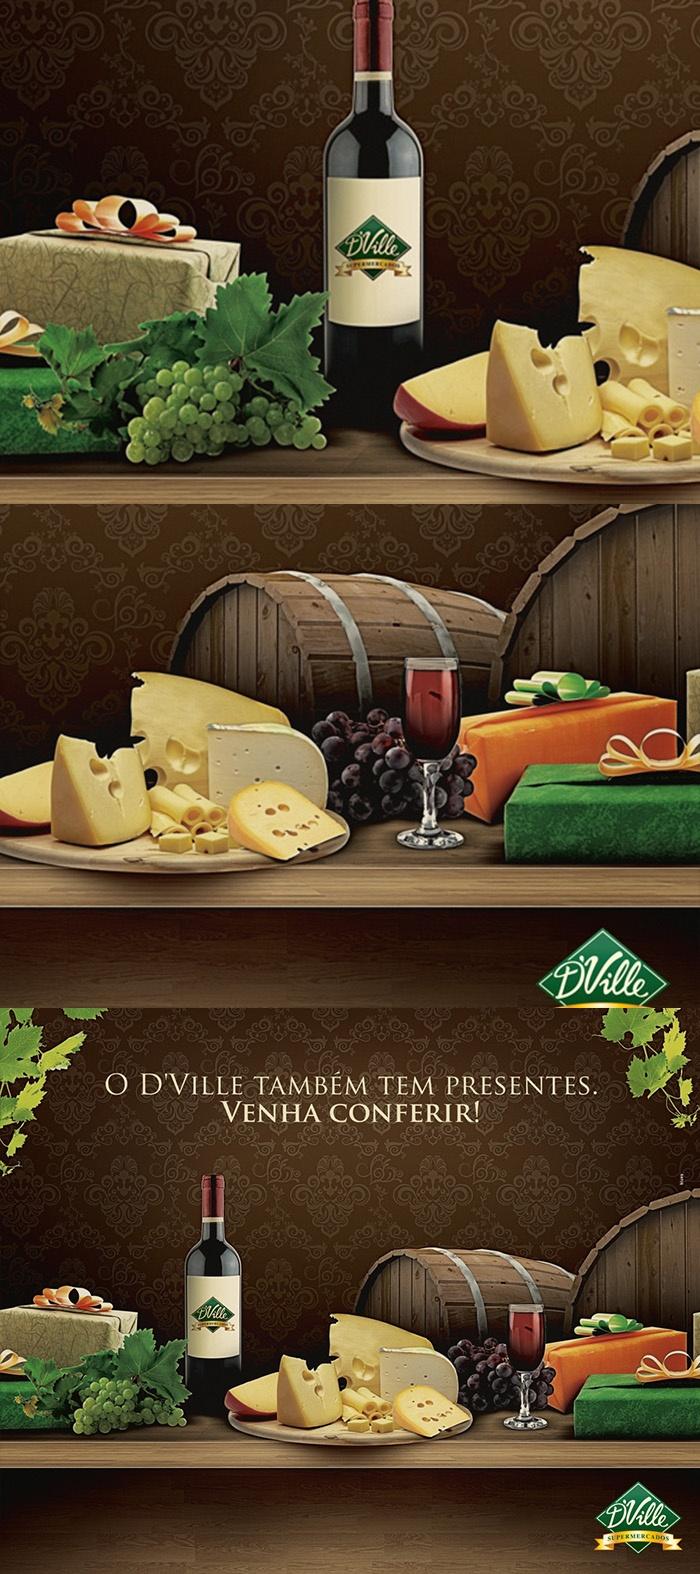 Montagem painel queijo e vinhos - D'Ville